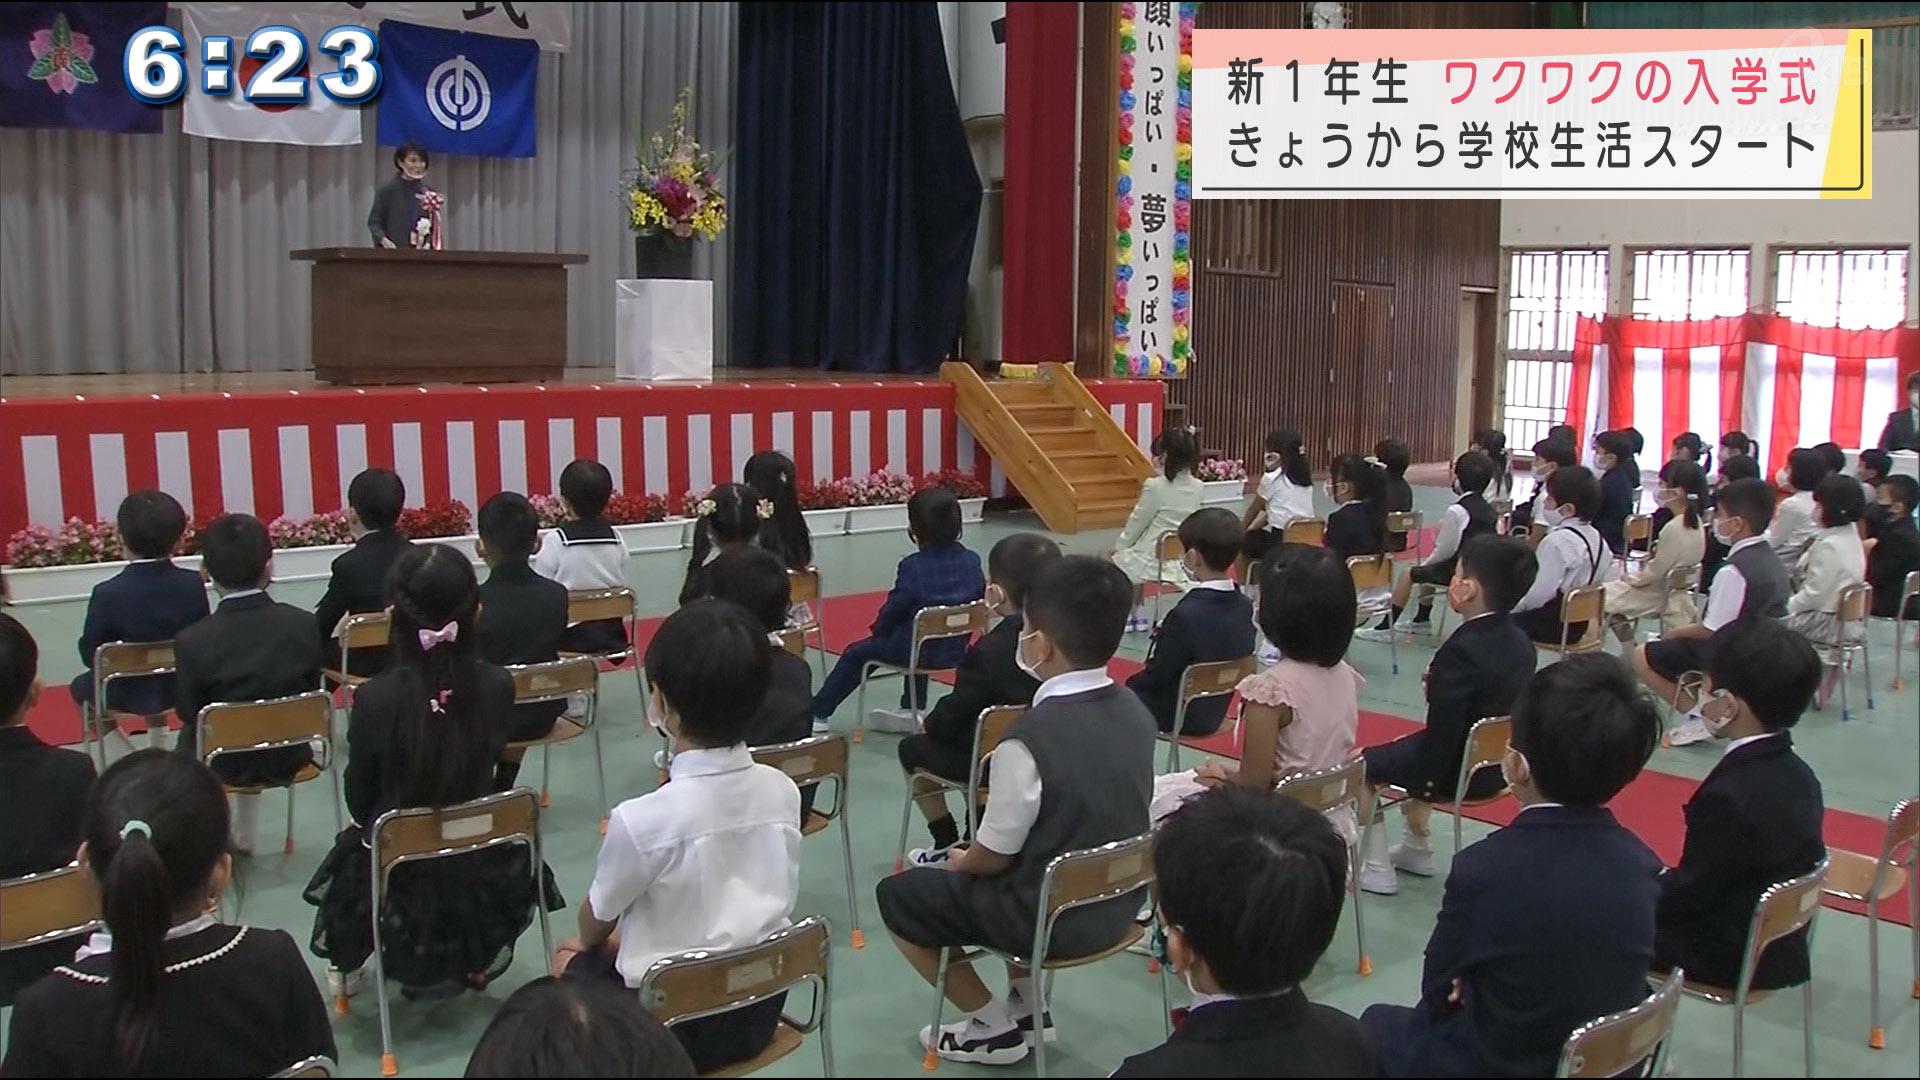 那覇市の小学校で入学式